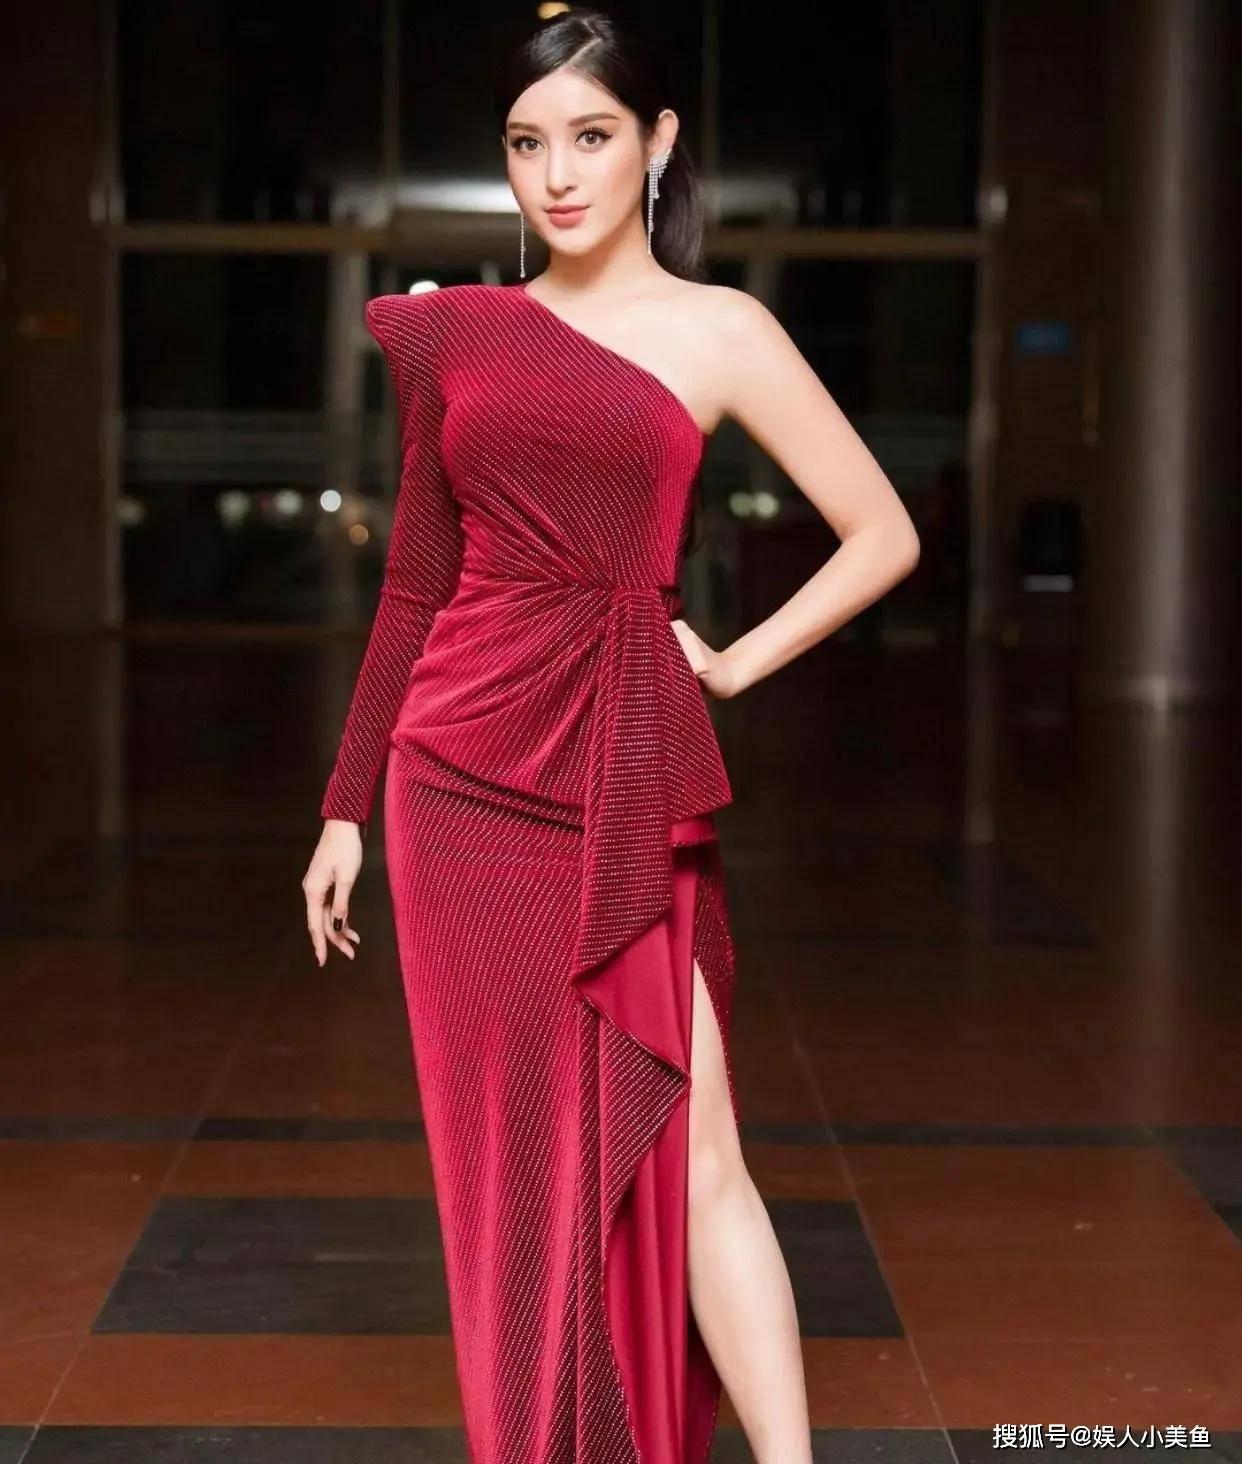 """原创             越南新晋第一美女,拥有天使容颜和极品身材,堪称是""""人间尤物"""""""